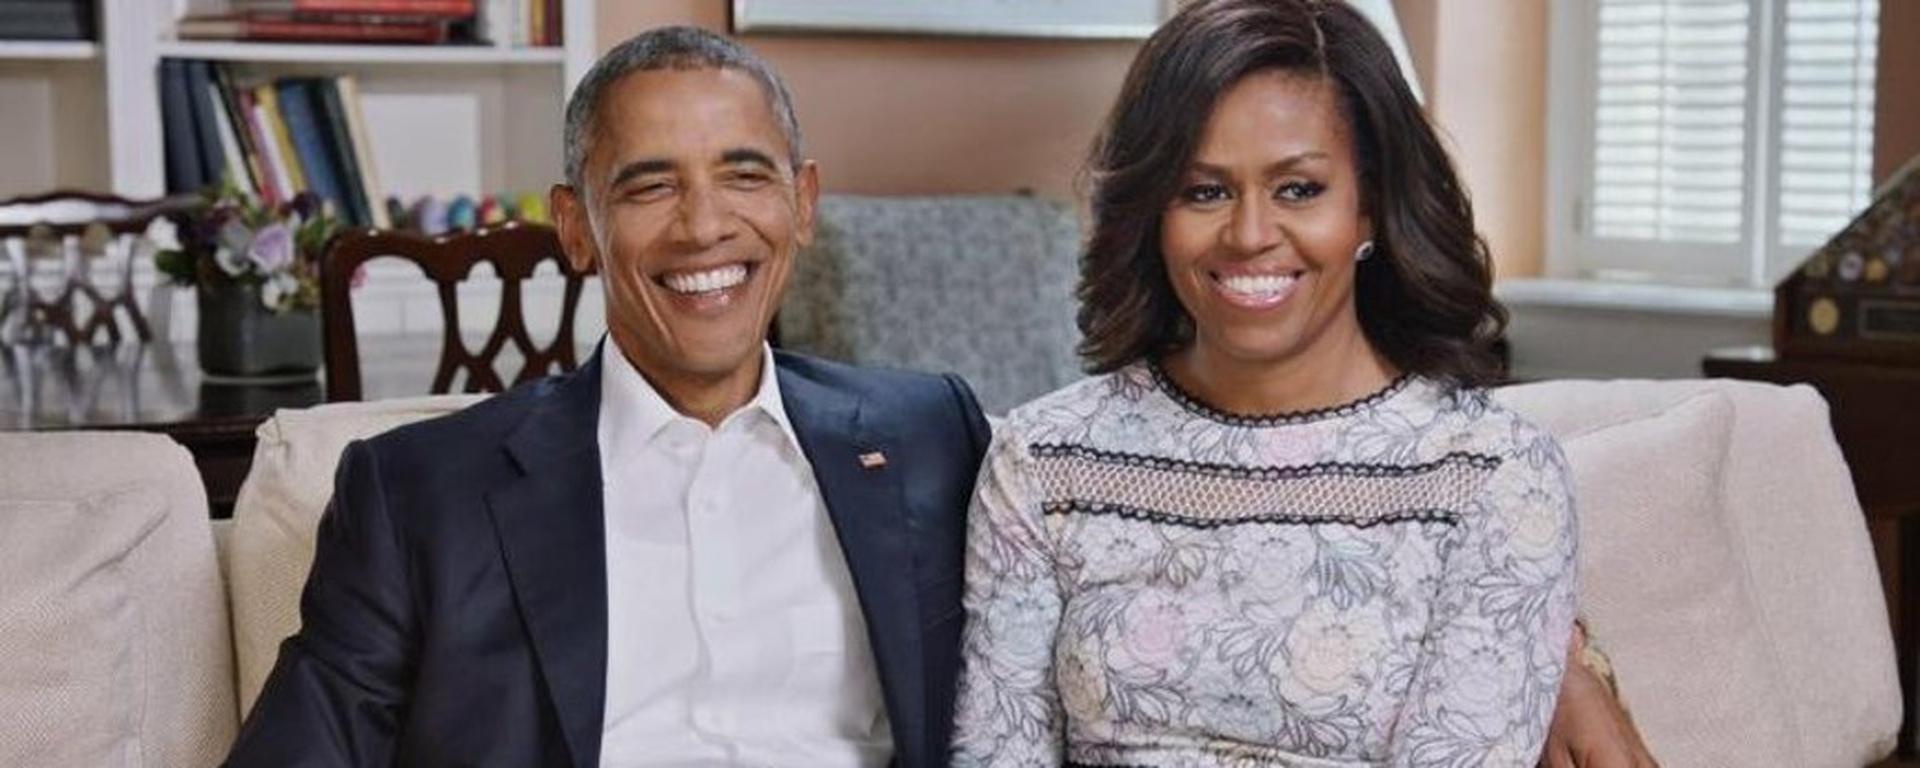 Obama Foundation - Obama Foundation Scholars Program Movemeback African initiative cover image